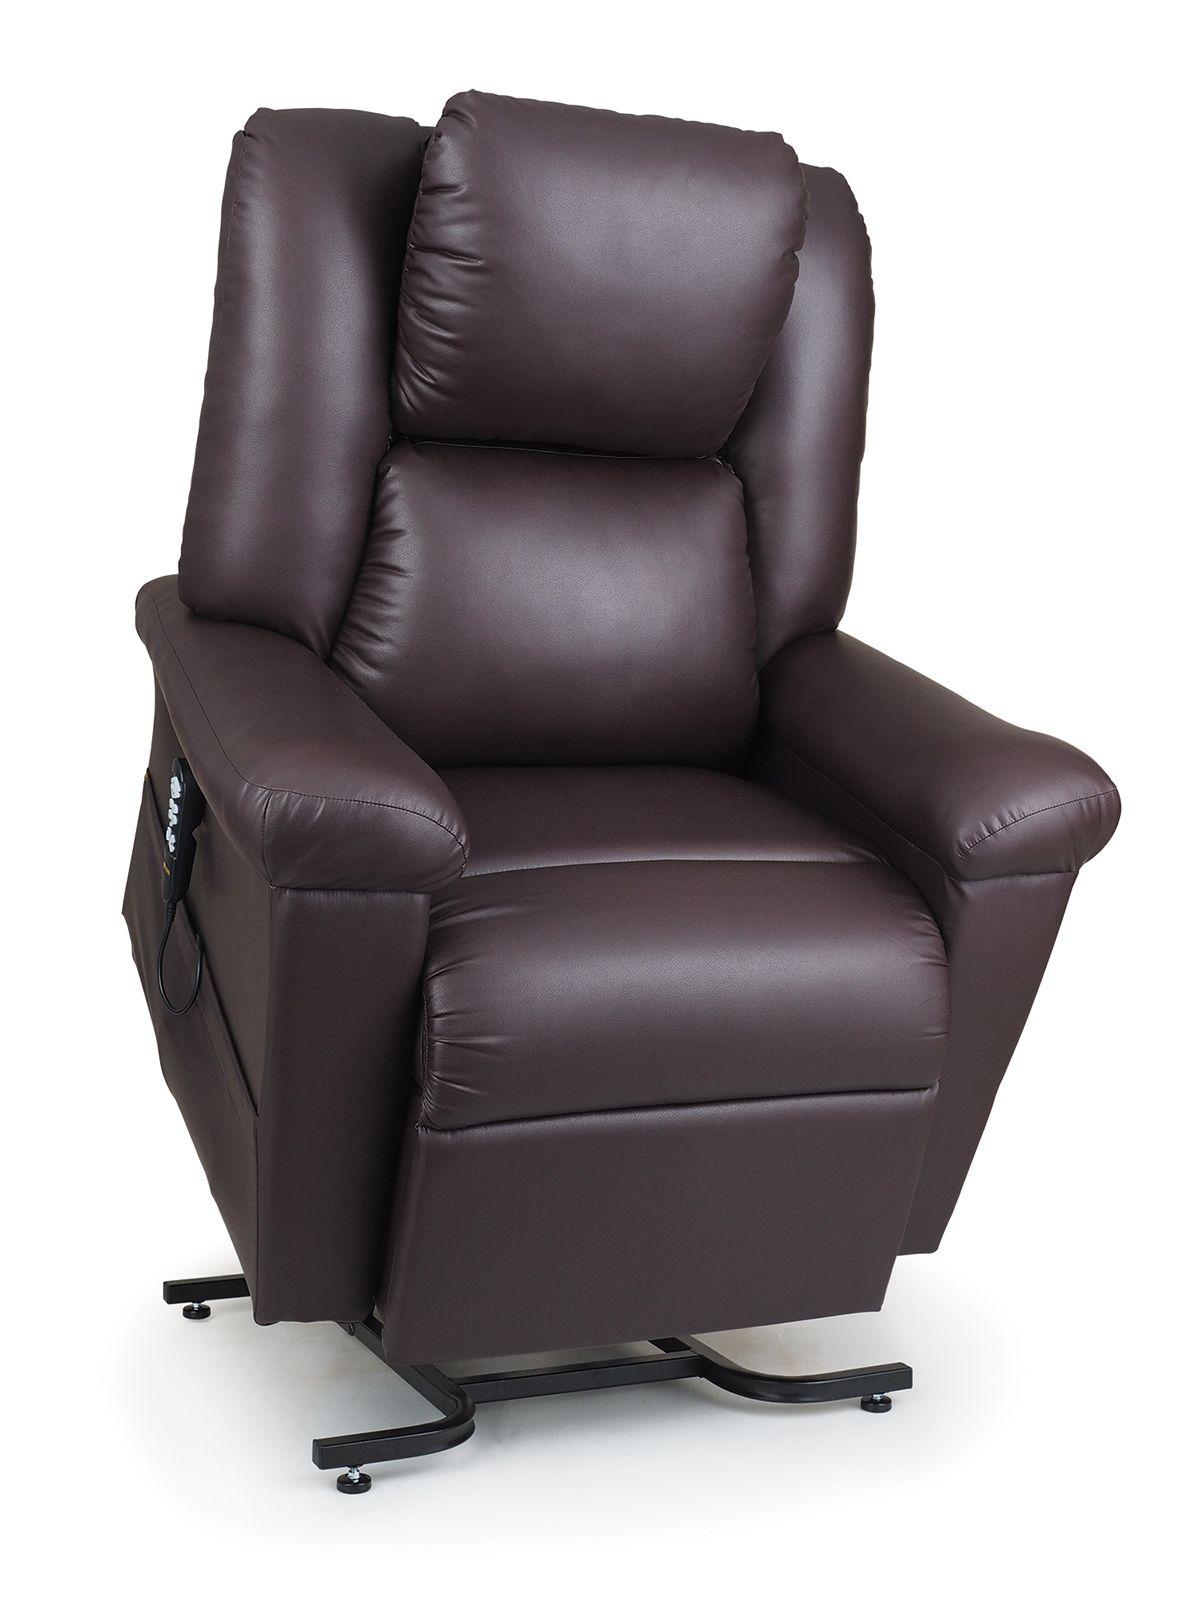 Daydreamer Power Pillow Lift Chair Recliners Lift Chairs